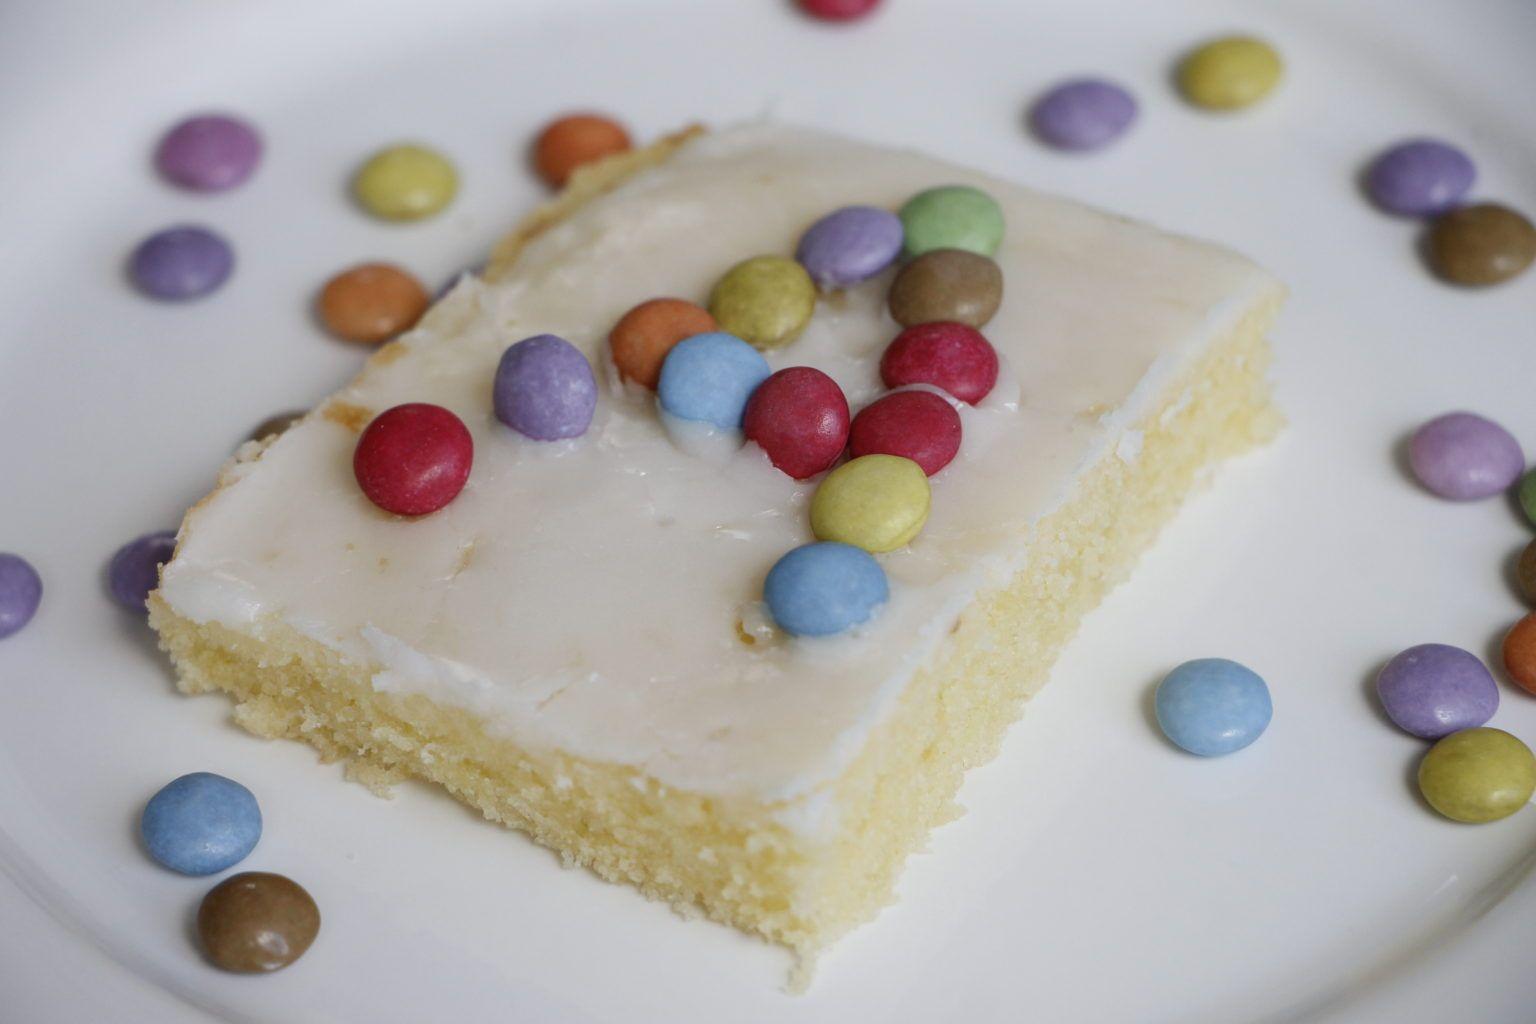 Einfacher Kuchen Zur Einschulung Buchstabenkuchen Kuchen Einschulung Schneller Kuchen Desserts Ohne Backen